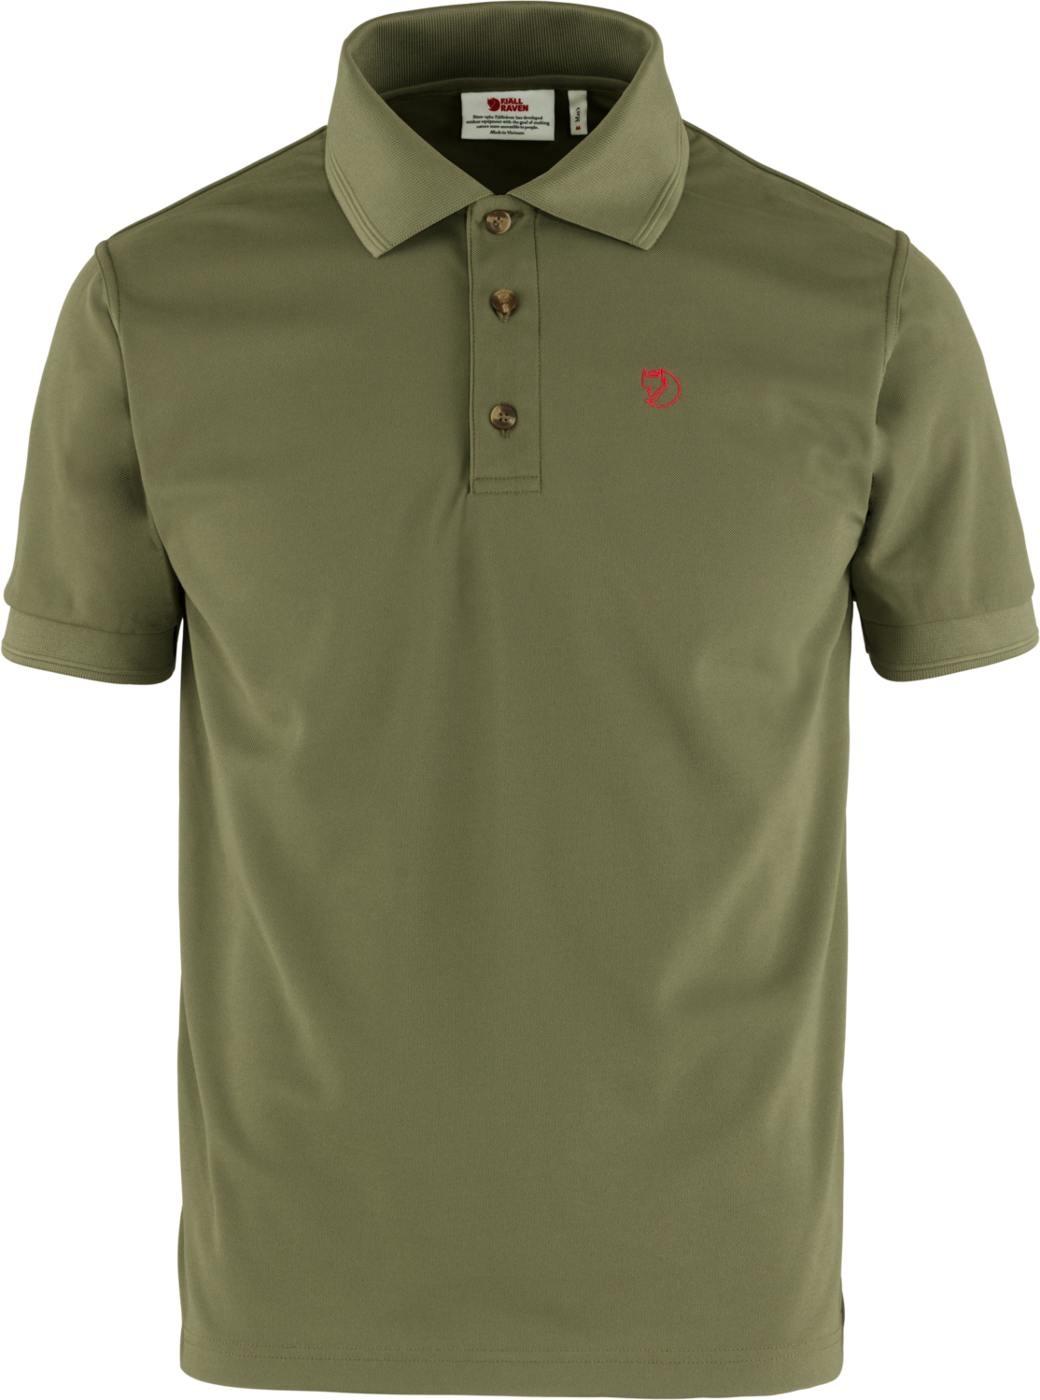 Fjällräven Crowley Pique Shirt M Light Olive-1